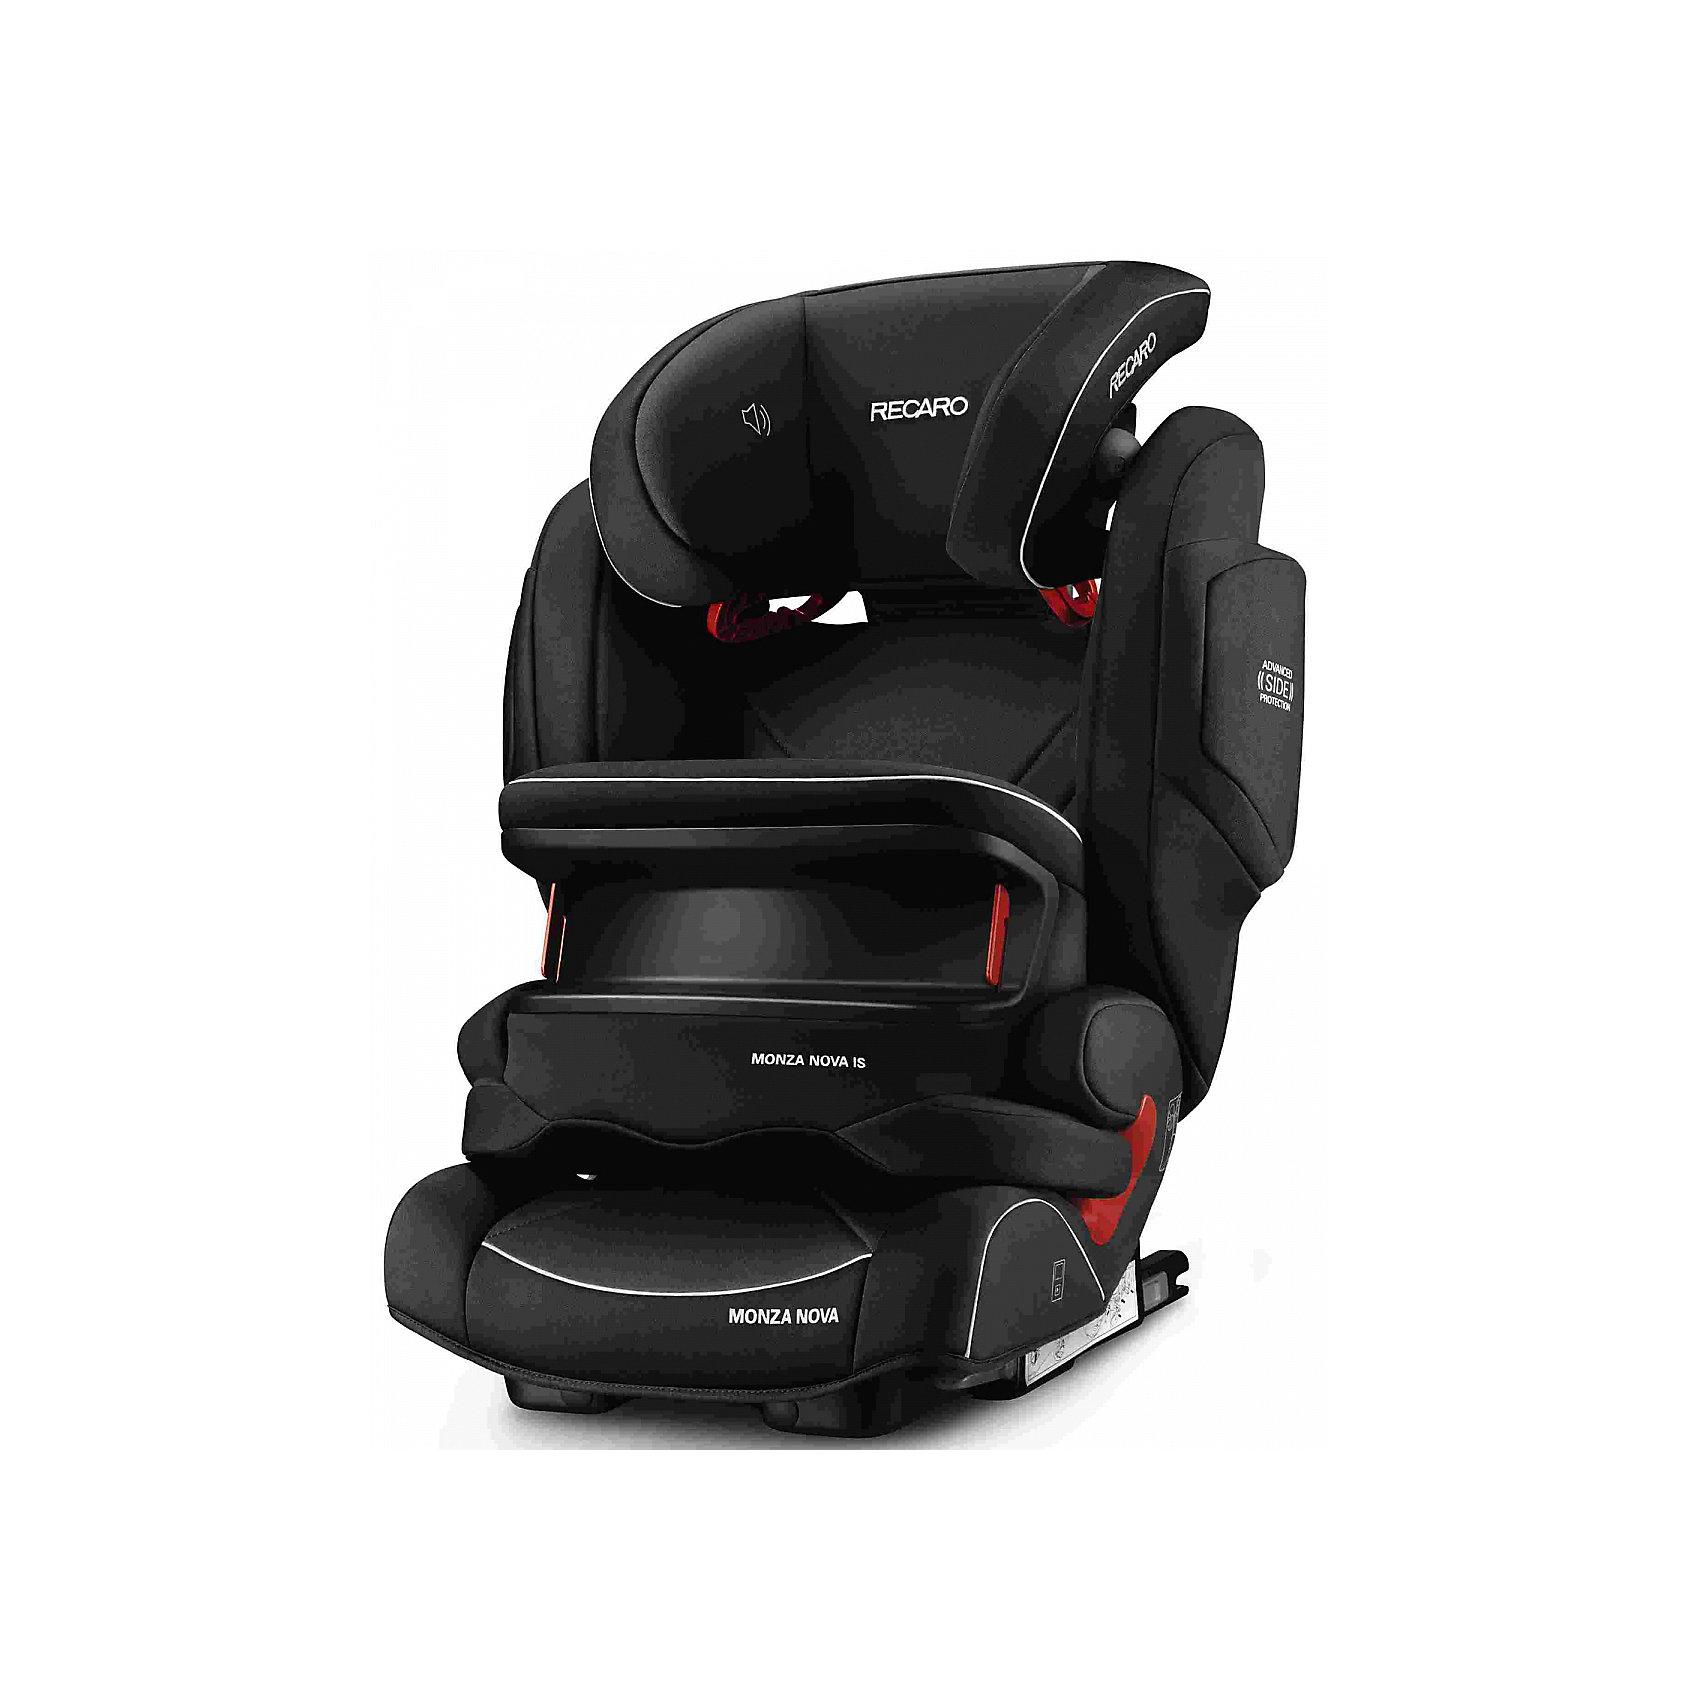 Автокресло RECARO Monza Nova IS Seatfix 9-36 кг, Perfomance BlackГруппа 1-2-3 (От 9 до 36 кг)<br>Характеристики:<br><br>• группа: 1/2/3;<br>• вес ребенка: 9-36 кг;<br>• возраст ребенка: от 9 месяцев до 12 лет;<br>• способ крепления: IsoFix или штатными ремнями безопасности автомобиля;<br>• способ установки: лицом по ходу движения автомобиля;<br>• регулируется высота подголовника: 11 положений;<br>• имеется ростомер;<br>• регулируется глубина подголовника;<br>• перед ребенком находится специальный жесткий столик, который обеспечивает максимальную защиту ребенка от ударов при столкновении и резком торможении;<br>• угол наклона спинки подгоняется под угол сиденья автомобиля, слегка откидывается назад;<br>• имеются подлокотники, высота не меняется;<br>• сетчатый кармашек на боковой стороне автокресла;<br>• под сиденьем автокресла имеются пластиковые опорные элементы;<br>• в боковинках автокресла находятся встроенные динамики;<br>• усиленная боковая защита, 12 см;<br>• материал: пластик, полиэстер;<br>• размеры автокресла: 48х55х74 см;<br>• вес: 8 кг.<br><br>Автокресло Monza Nova IS Seatfix будет сопровождать вас и вашего кроху вплоть до достижения ребенком возраста 12 лет. Автокресло укомплектовано дополнительными аксессуарами для наибольшей безопасности ребенка на каждом этапе его взросления. Когда вес малыша находится в пределах 9-18 кг, эргономичный защитный столик вместе с 3-х точечным ремнем безопасности автомобиля обеспечивают максимальную безопасность. Автокресло обязательно используется со столиком, пока кроха не достигнет определенного роста и веса (95 см/18 кг).<br><br>Автокресло устанавливается на заднем сидении автомобиля с помощью системы Изофикс. Выдвижные крепления кресла совмещаются с системой Изофикс в автомобиле.<br>Обивка автокресла выполнена из дышащего материала, который не впитывает посторонние запахи. Автокресло оснащено вентиляционными отверстиями для циркуляции воздуха и регуляции теплообмена. Чехлы автокресла съемные, допускается стирка при тем